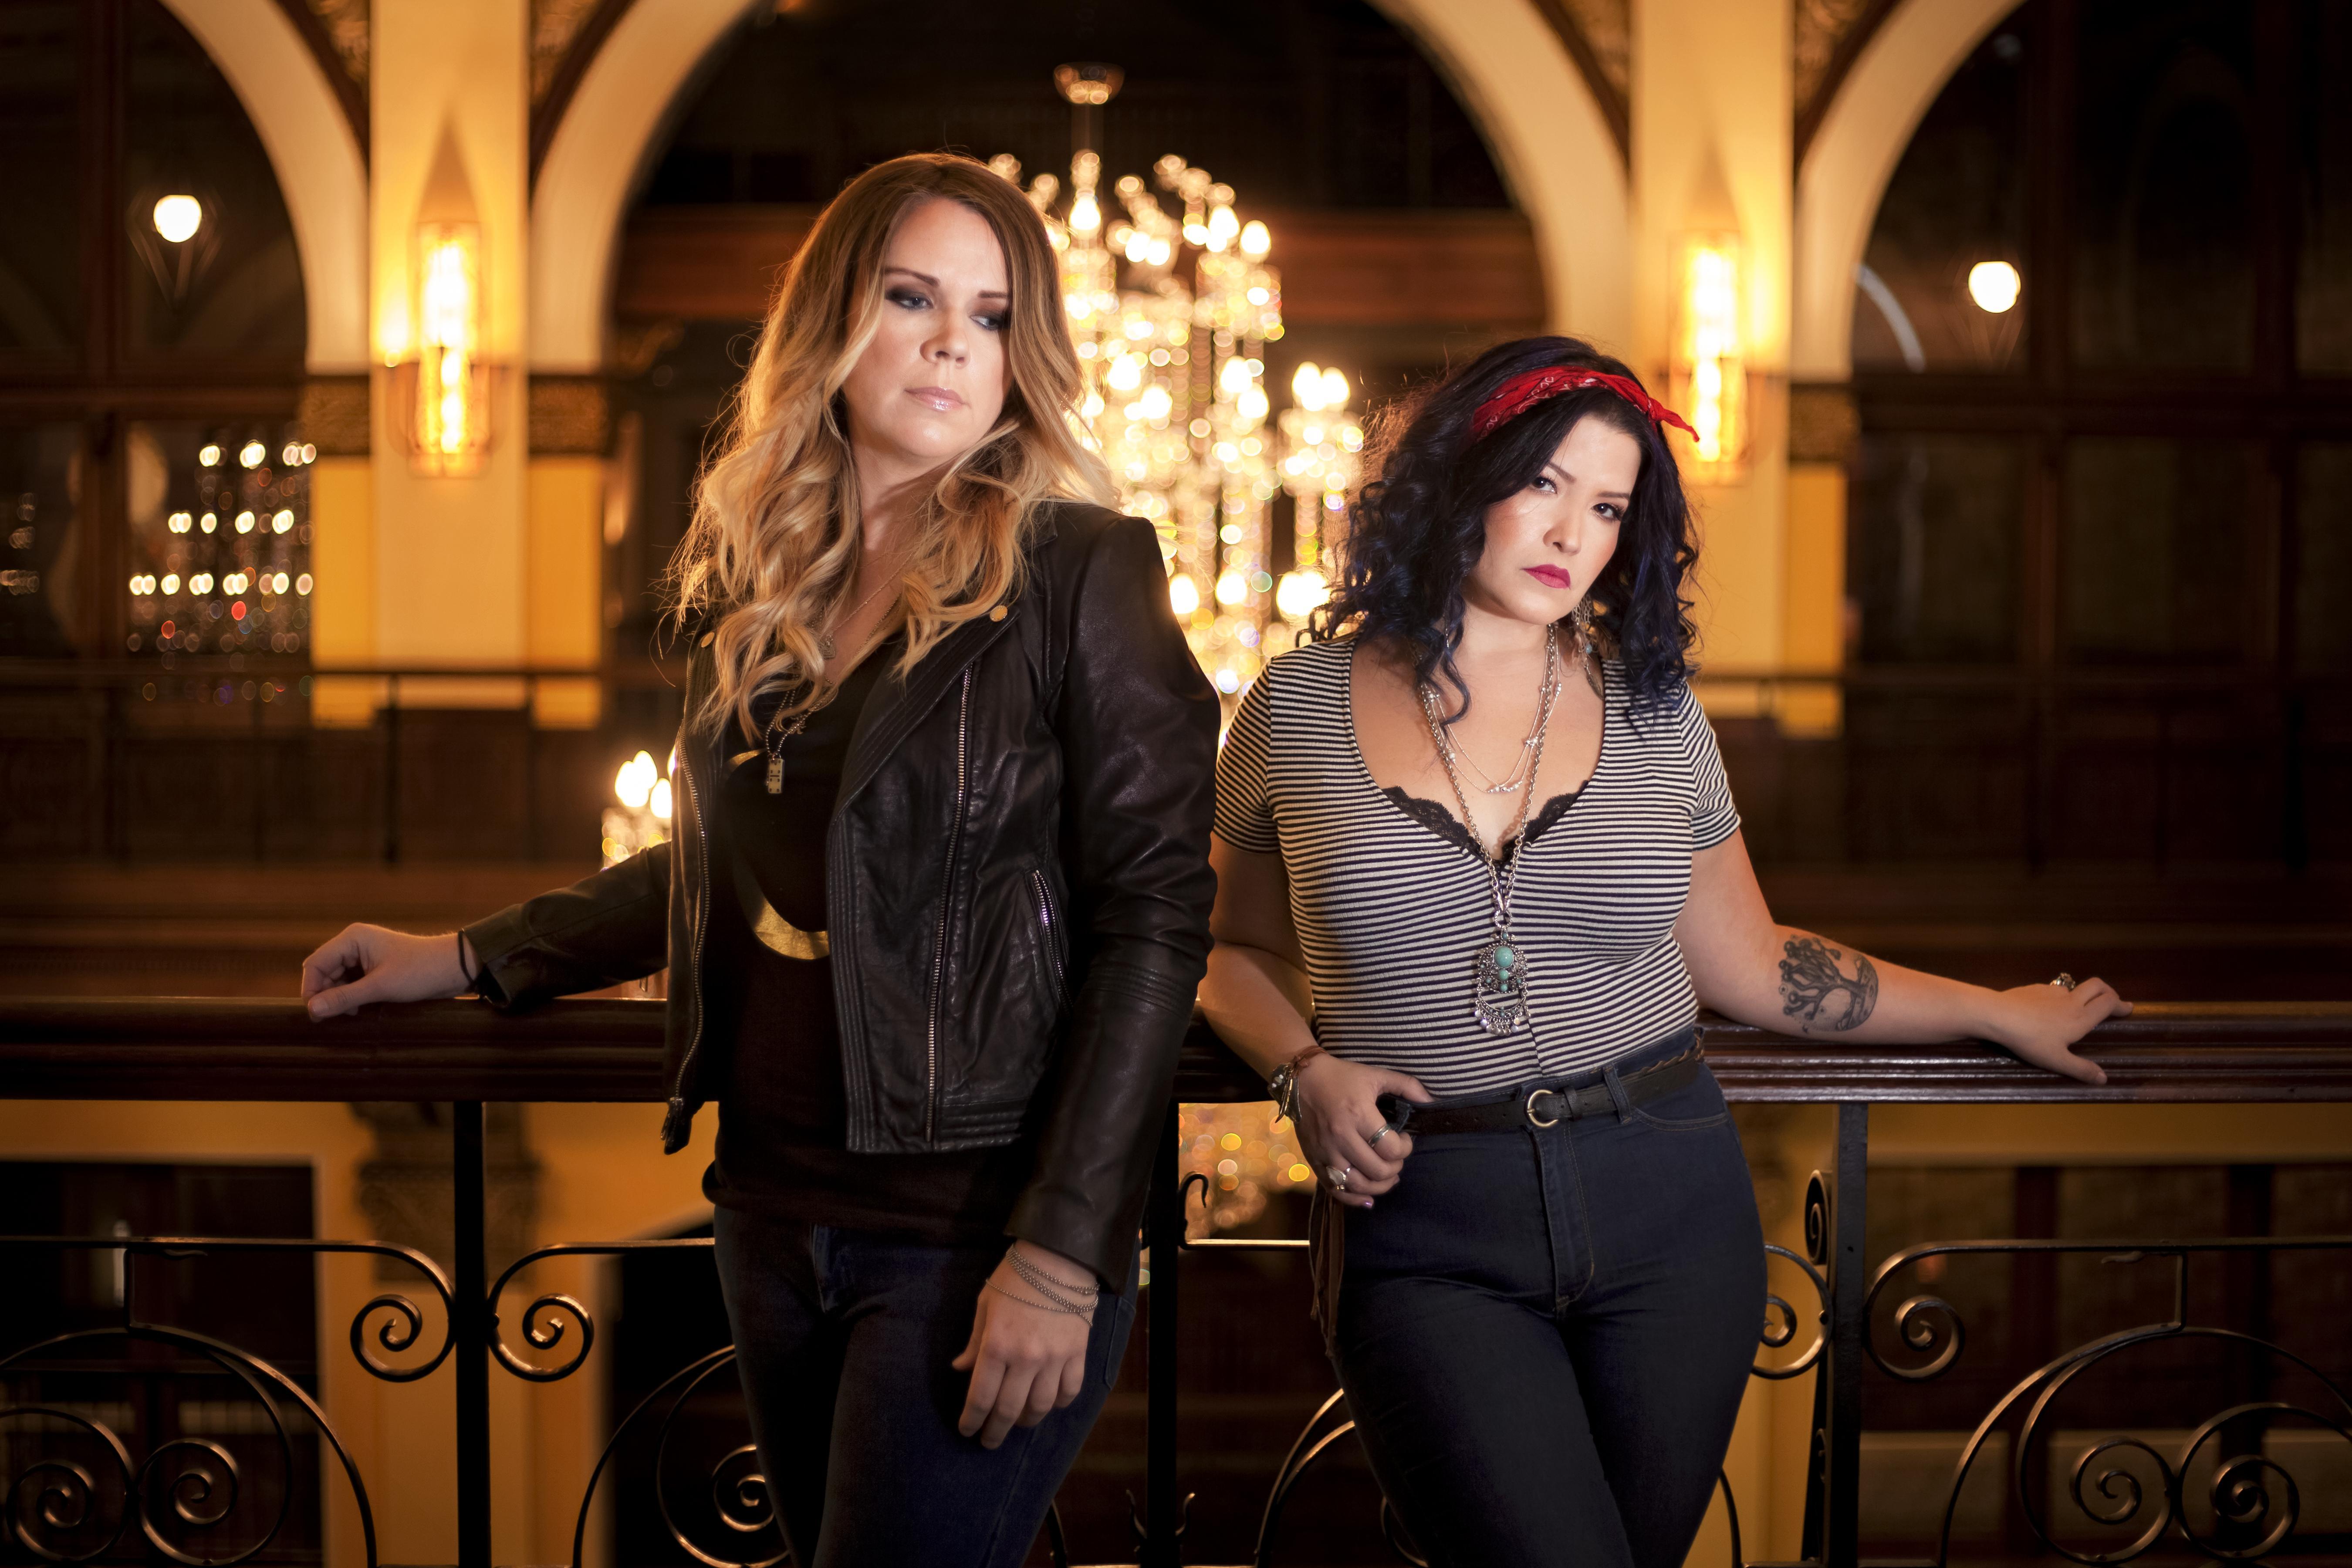 Elkins and duo partner Vanessa Olivarez